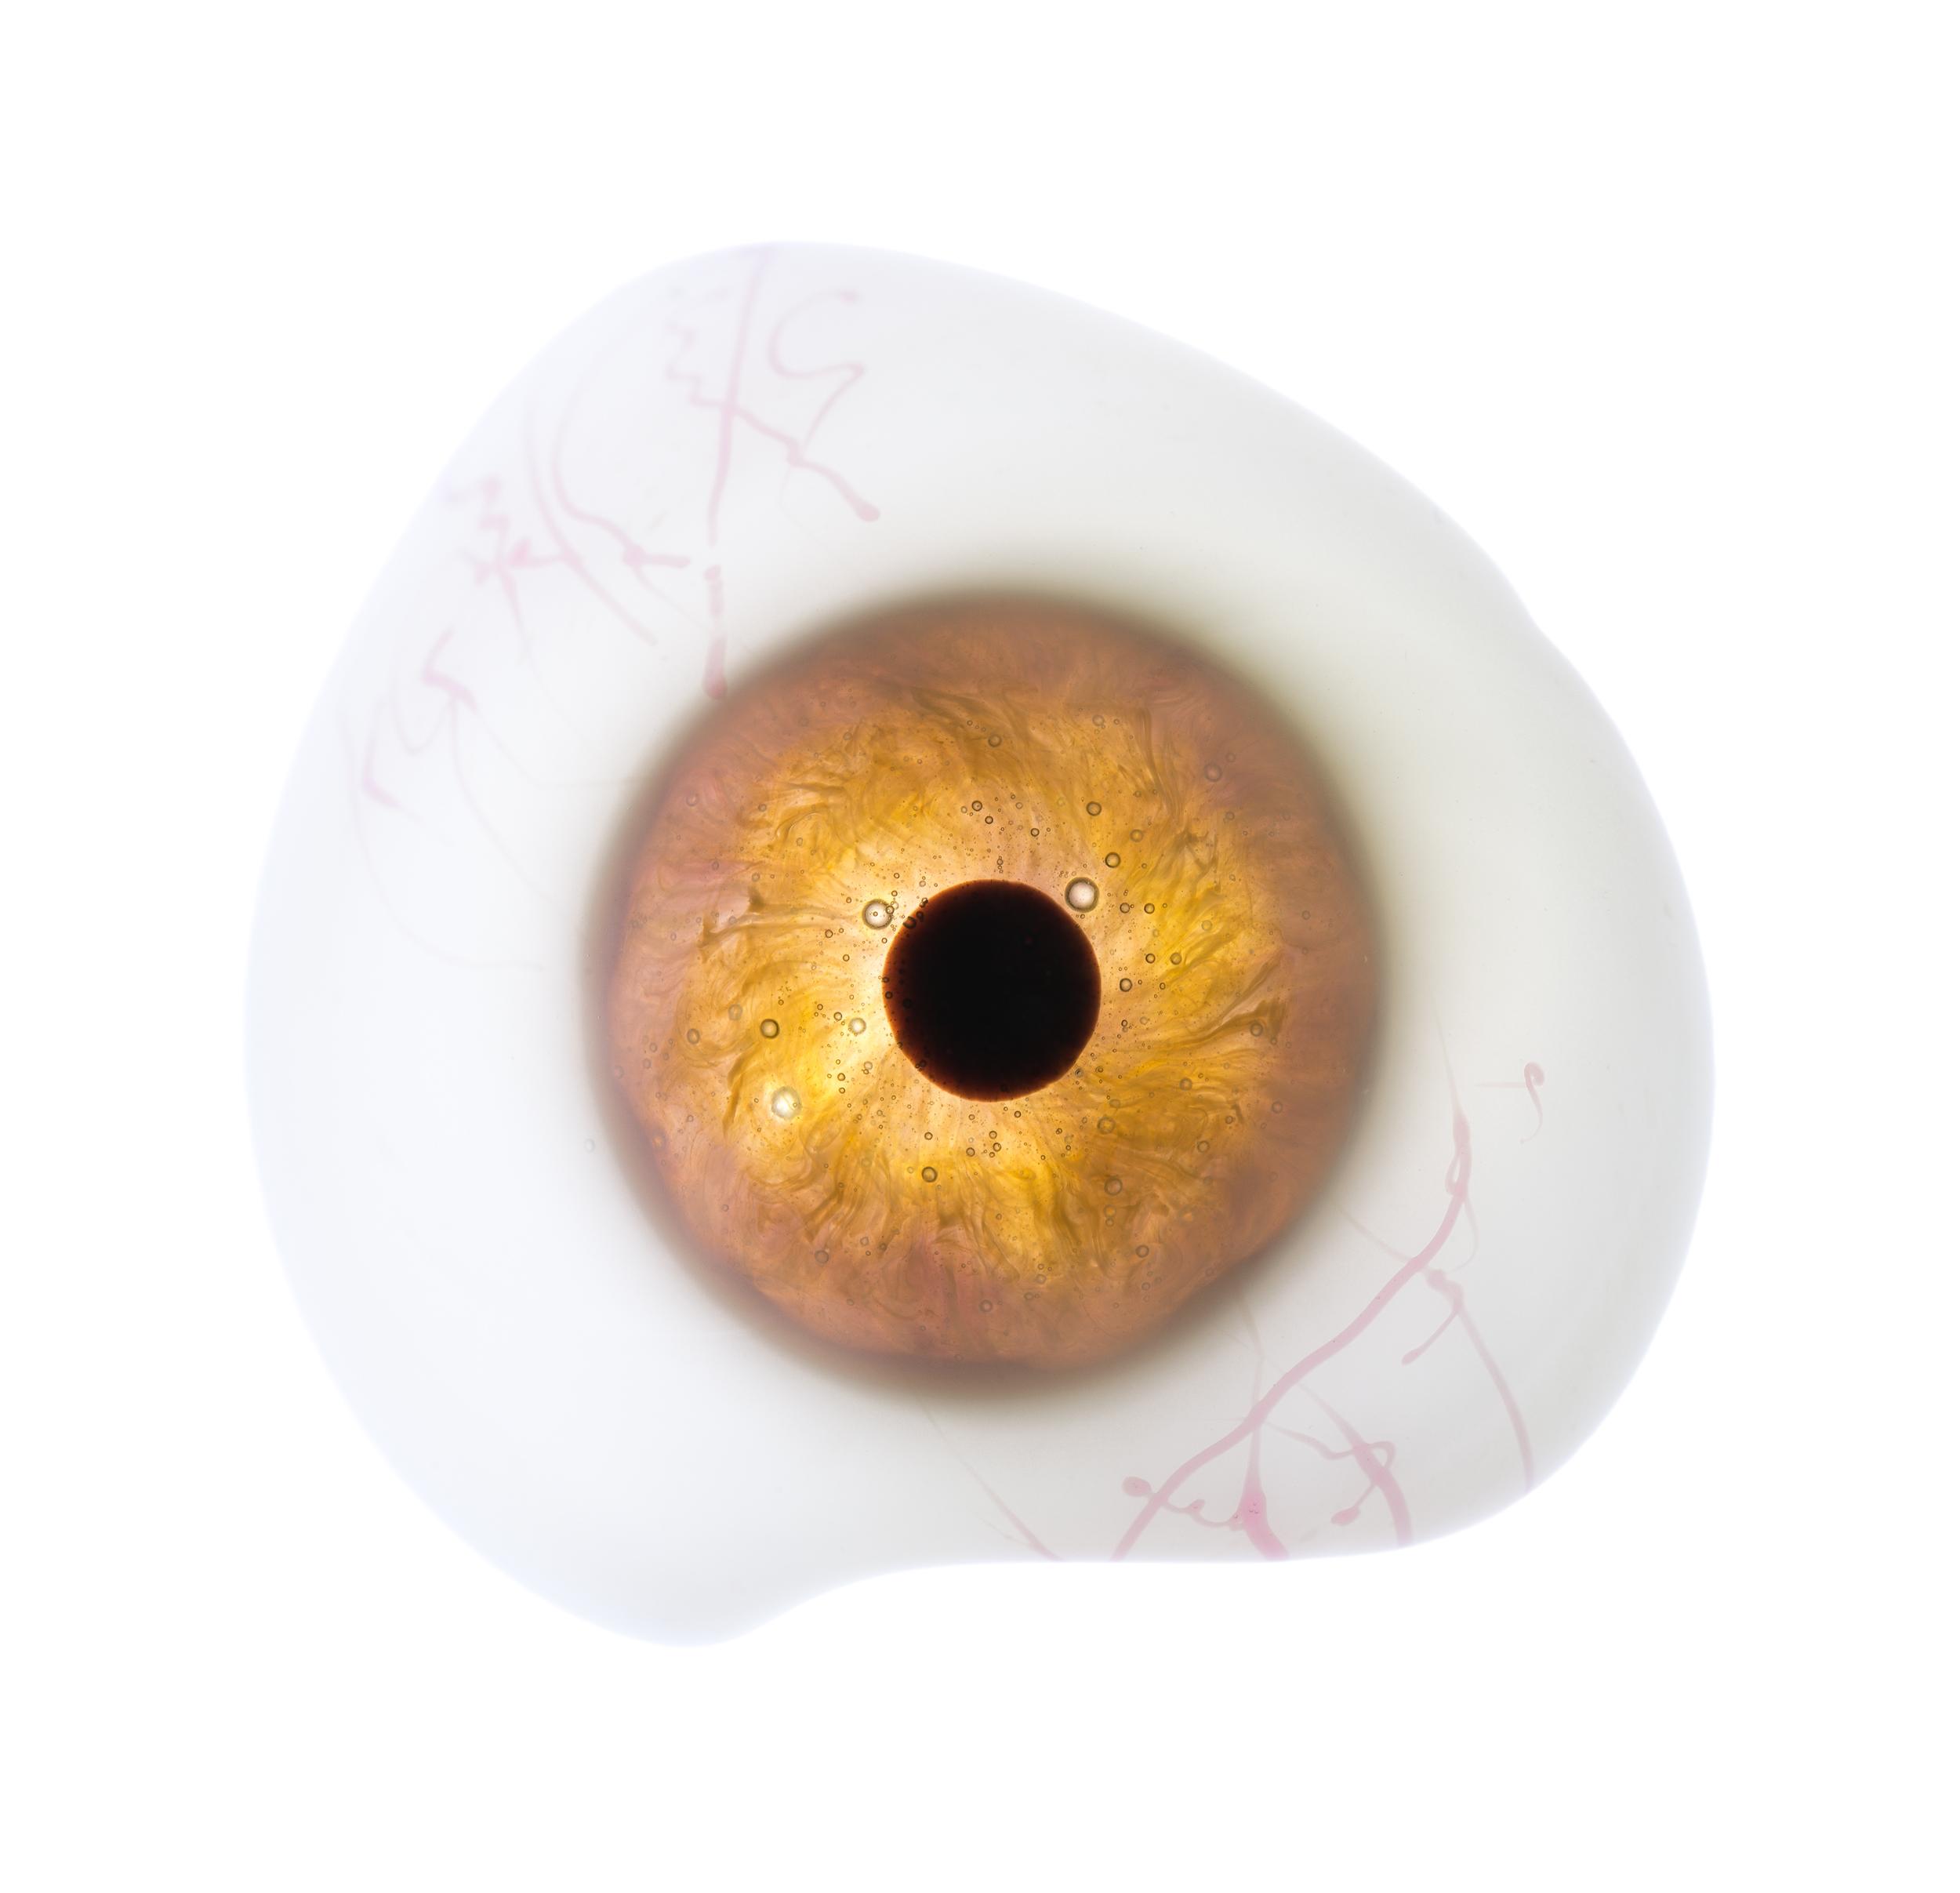 képek a látásról